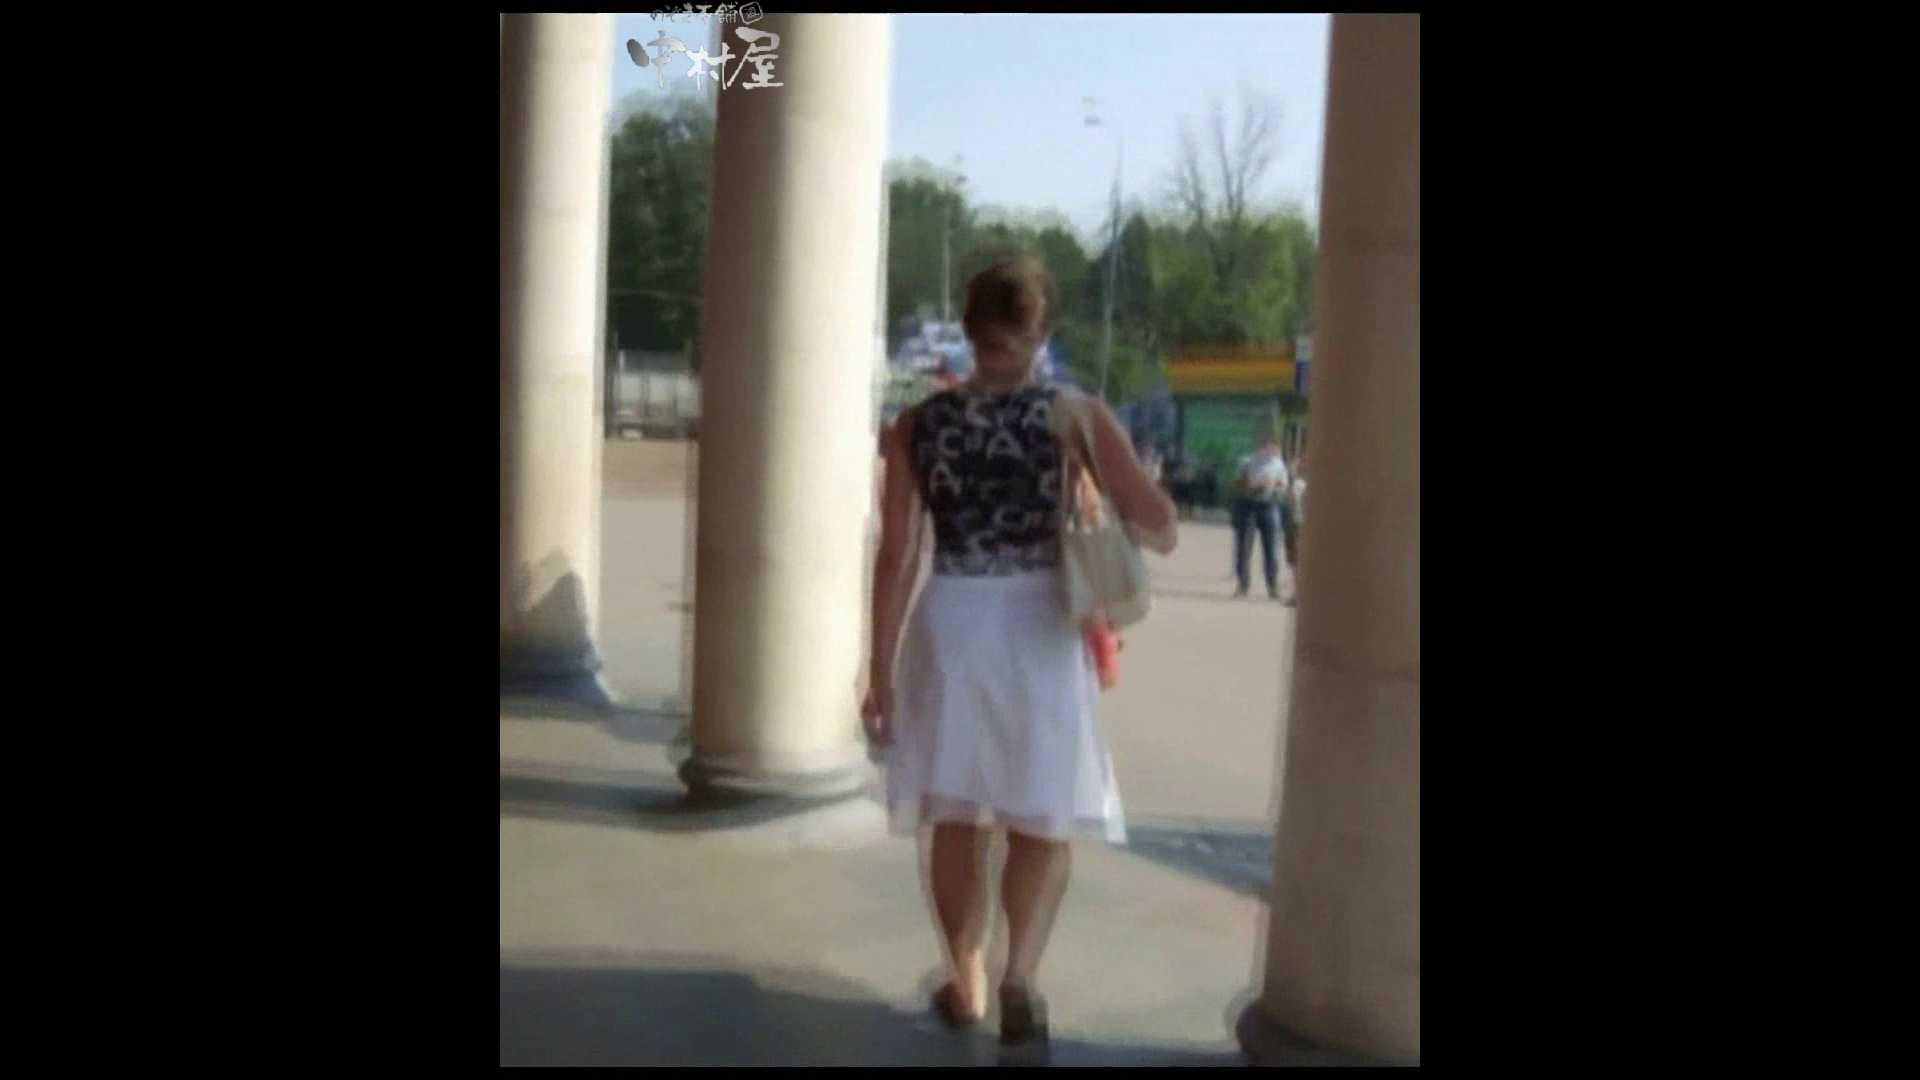 綺麗なモデルさんのスカート捲っちゃおう‼ vol13 OLハメ撮り  45Pix 10